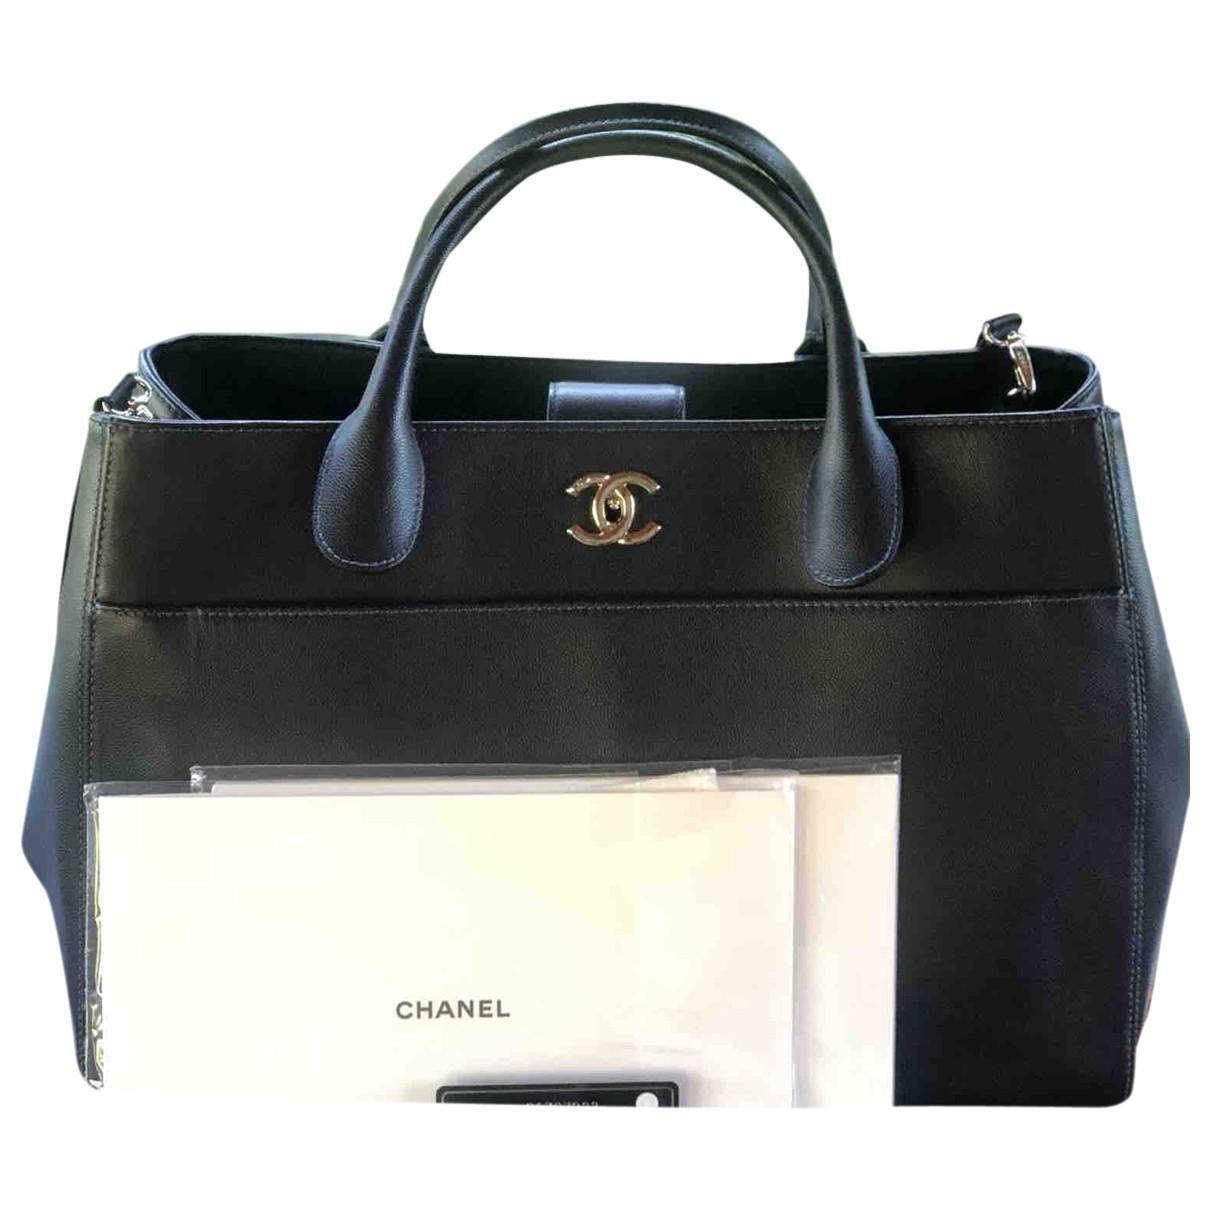 Chanel - Sac a main Executive pour femme en cuir - marine